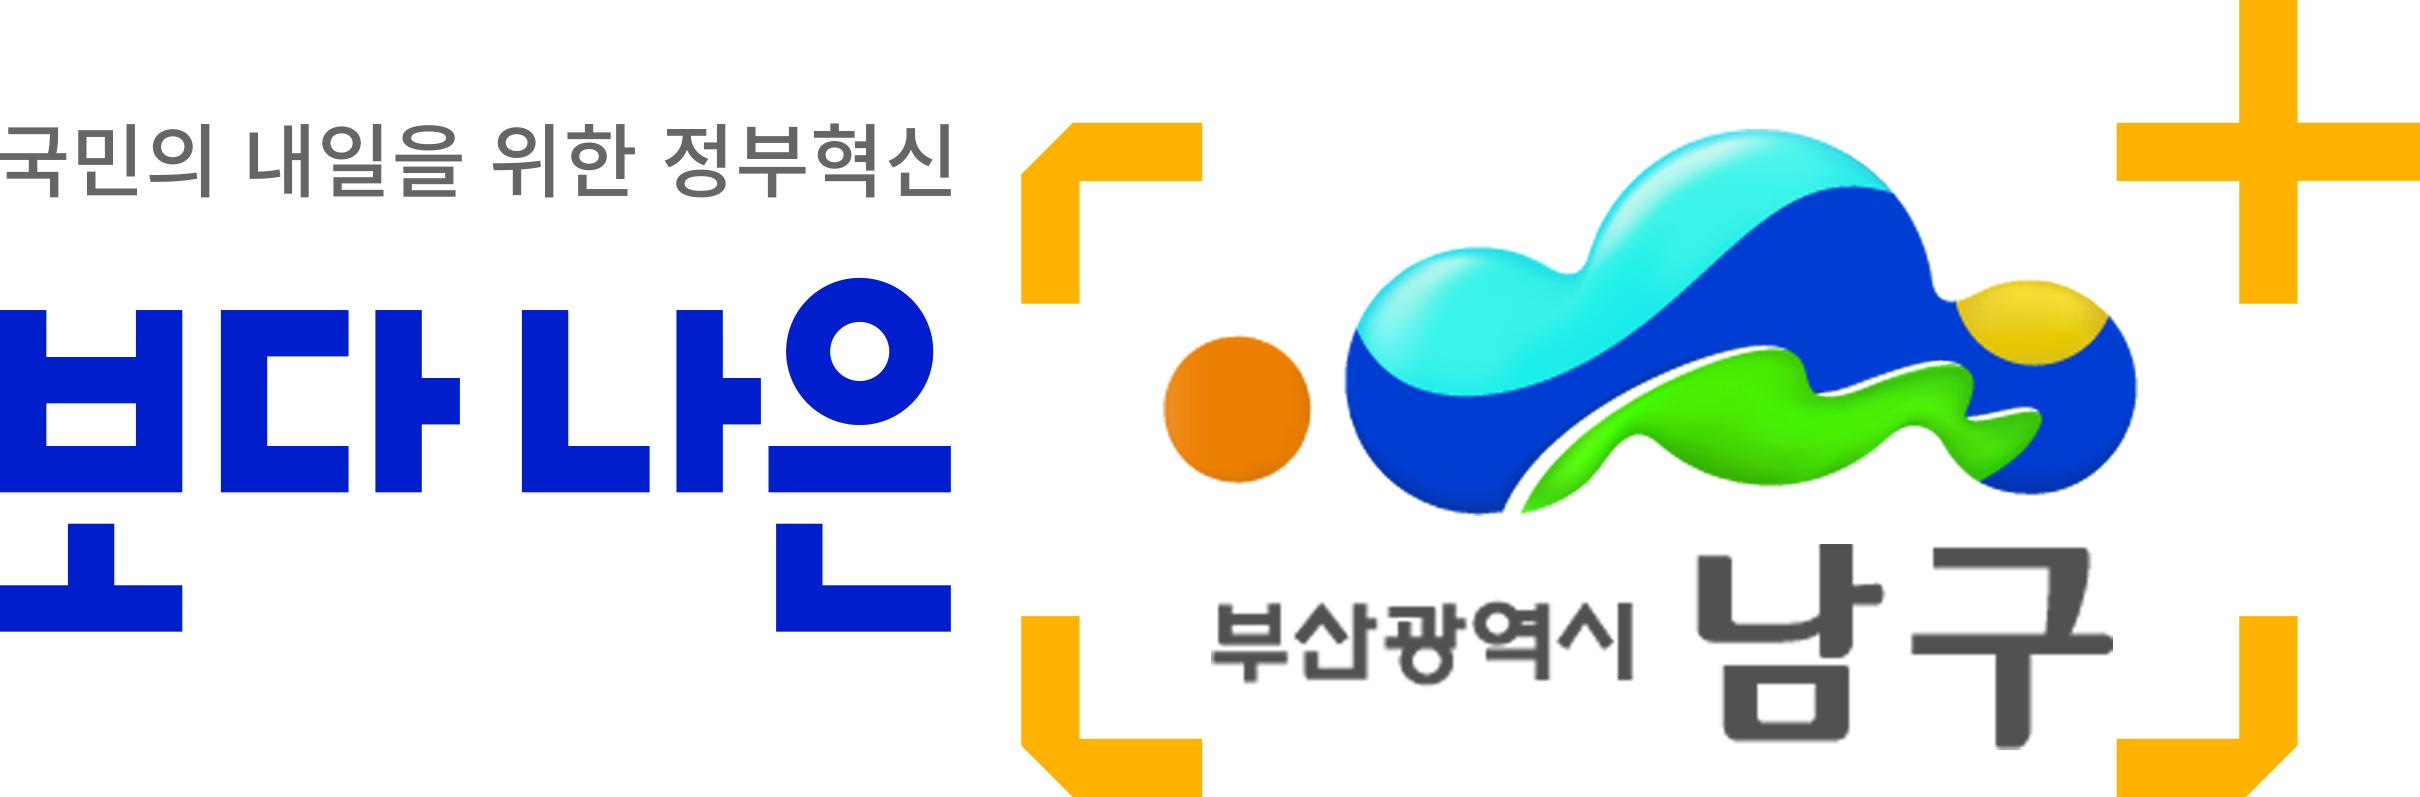 부산광역시 남구